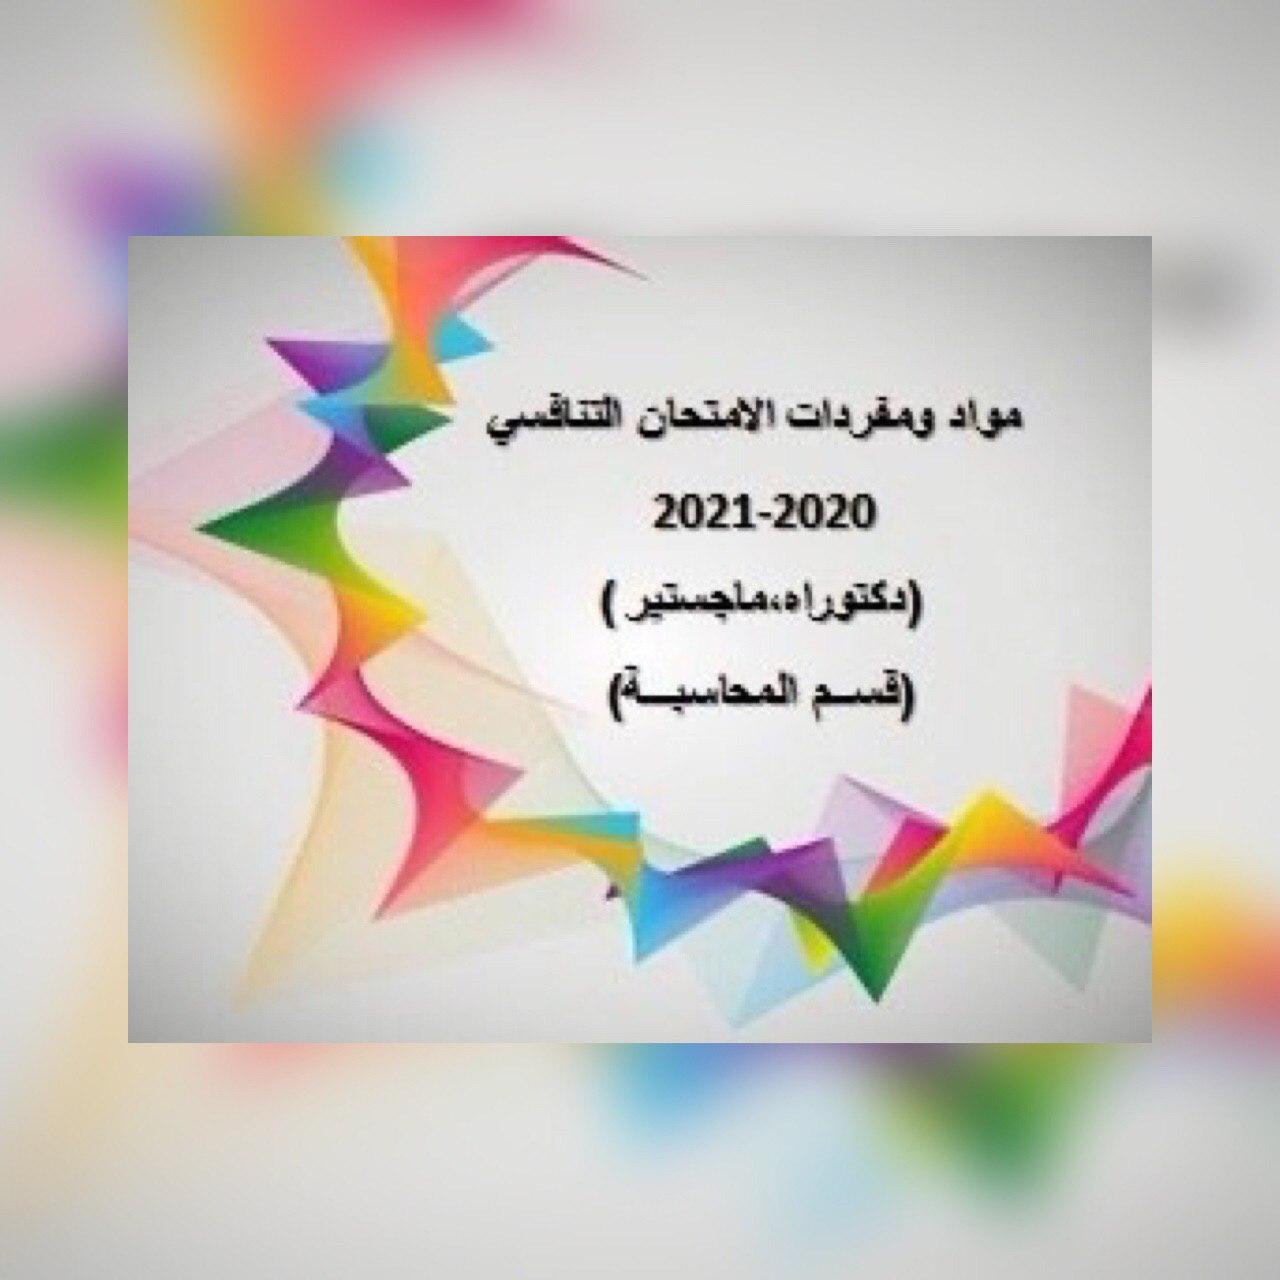 مواد ومفردات الامتحان التنافسي 2020-2021 قسم المحــاسبة